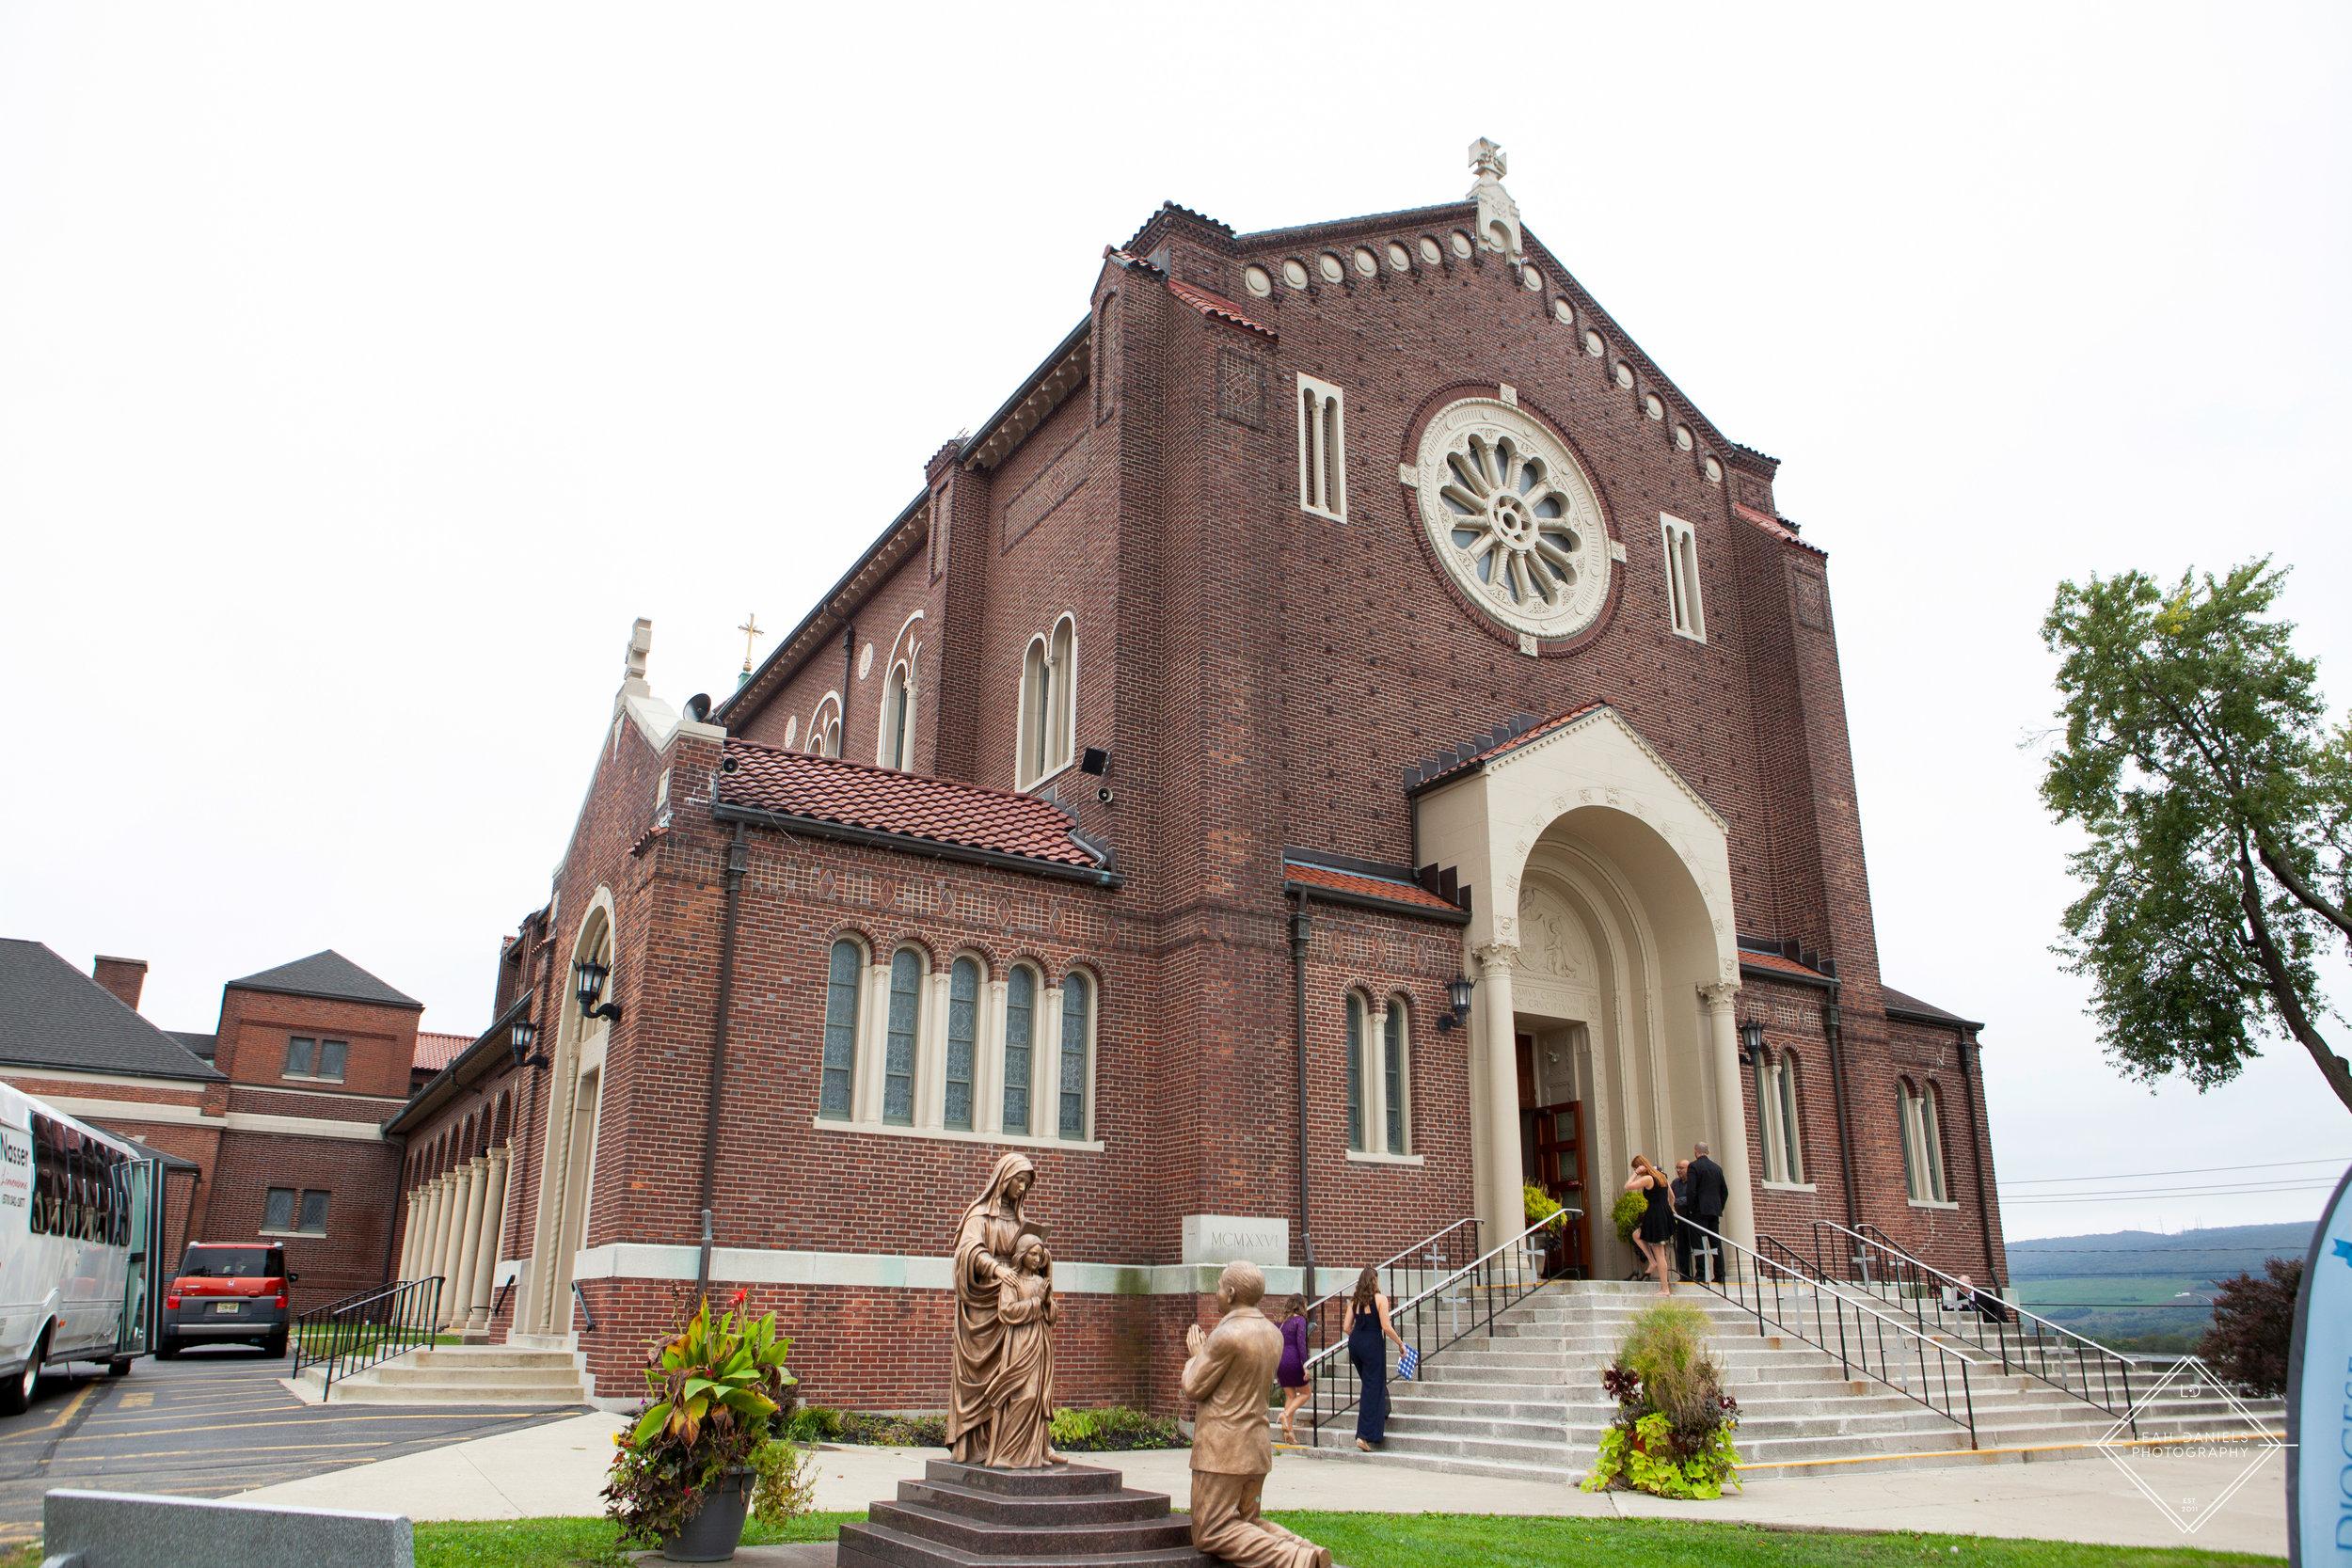 Saint Ann's Basilica Scranton